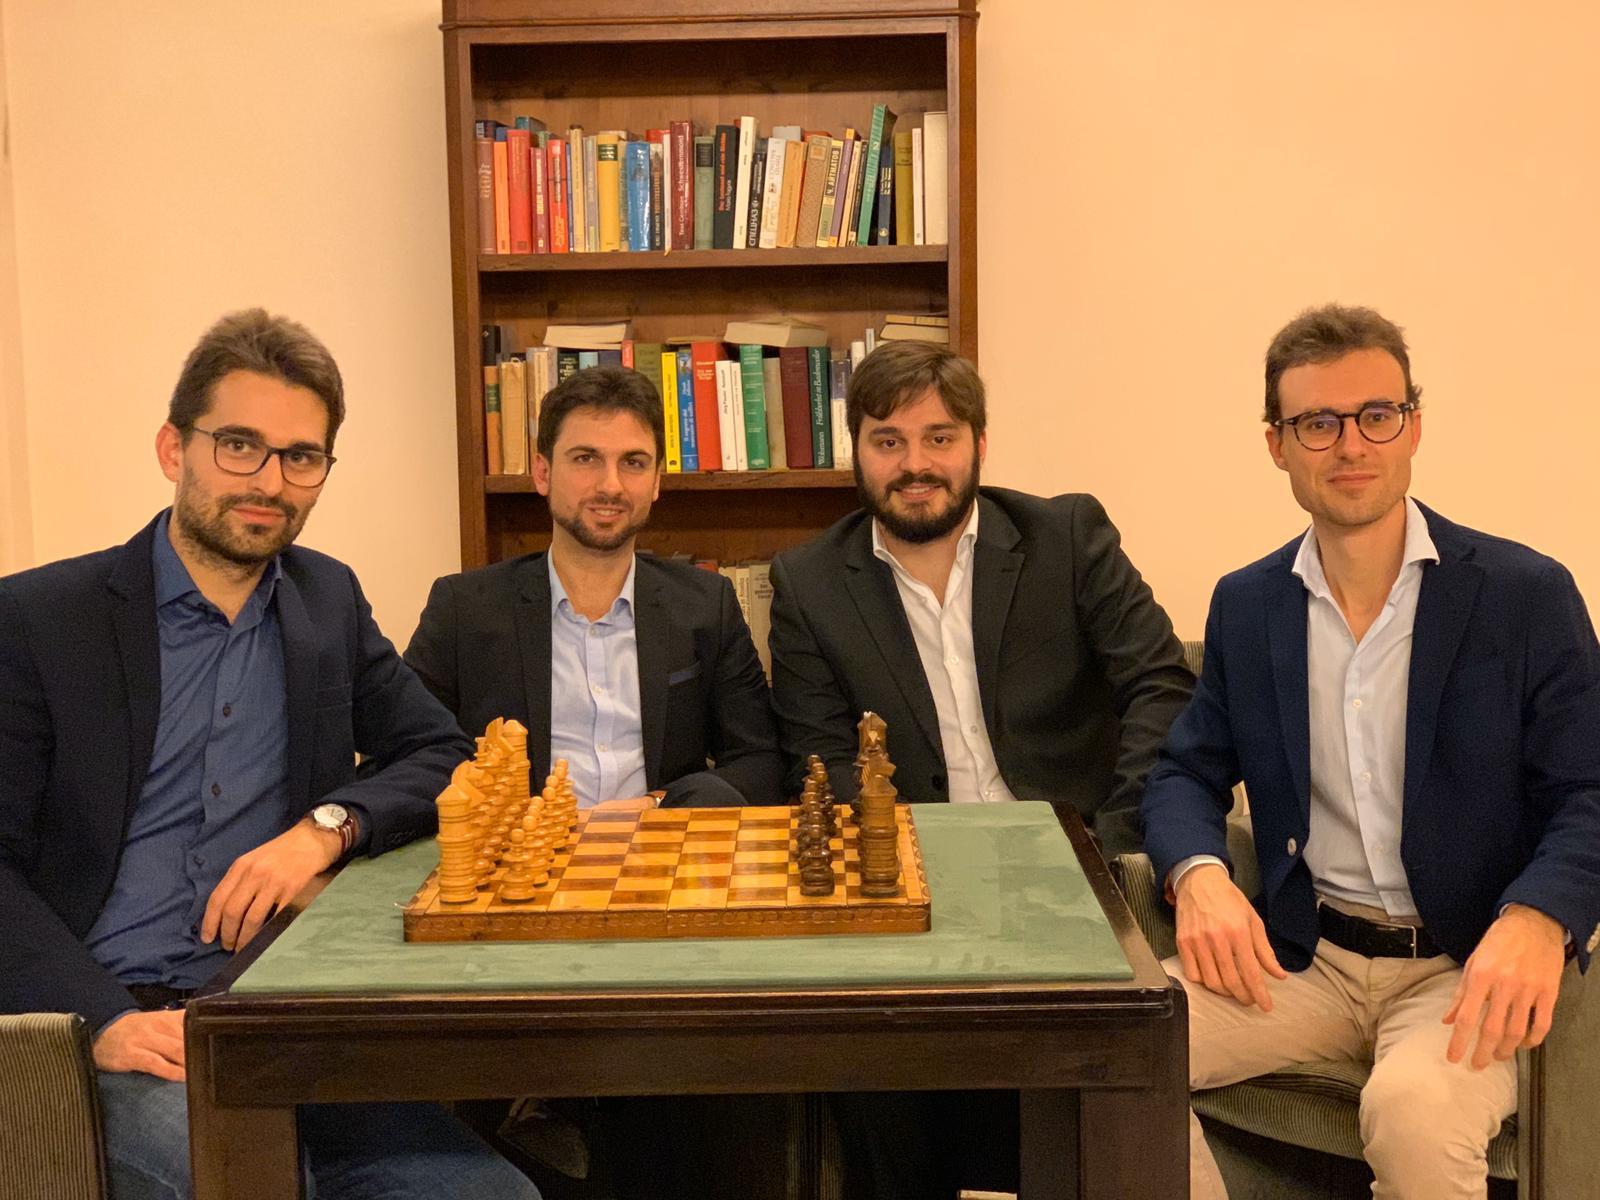 Team Educare con gli scacchi